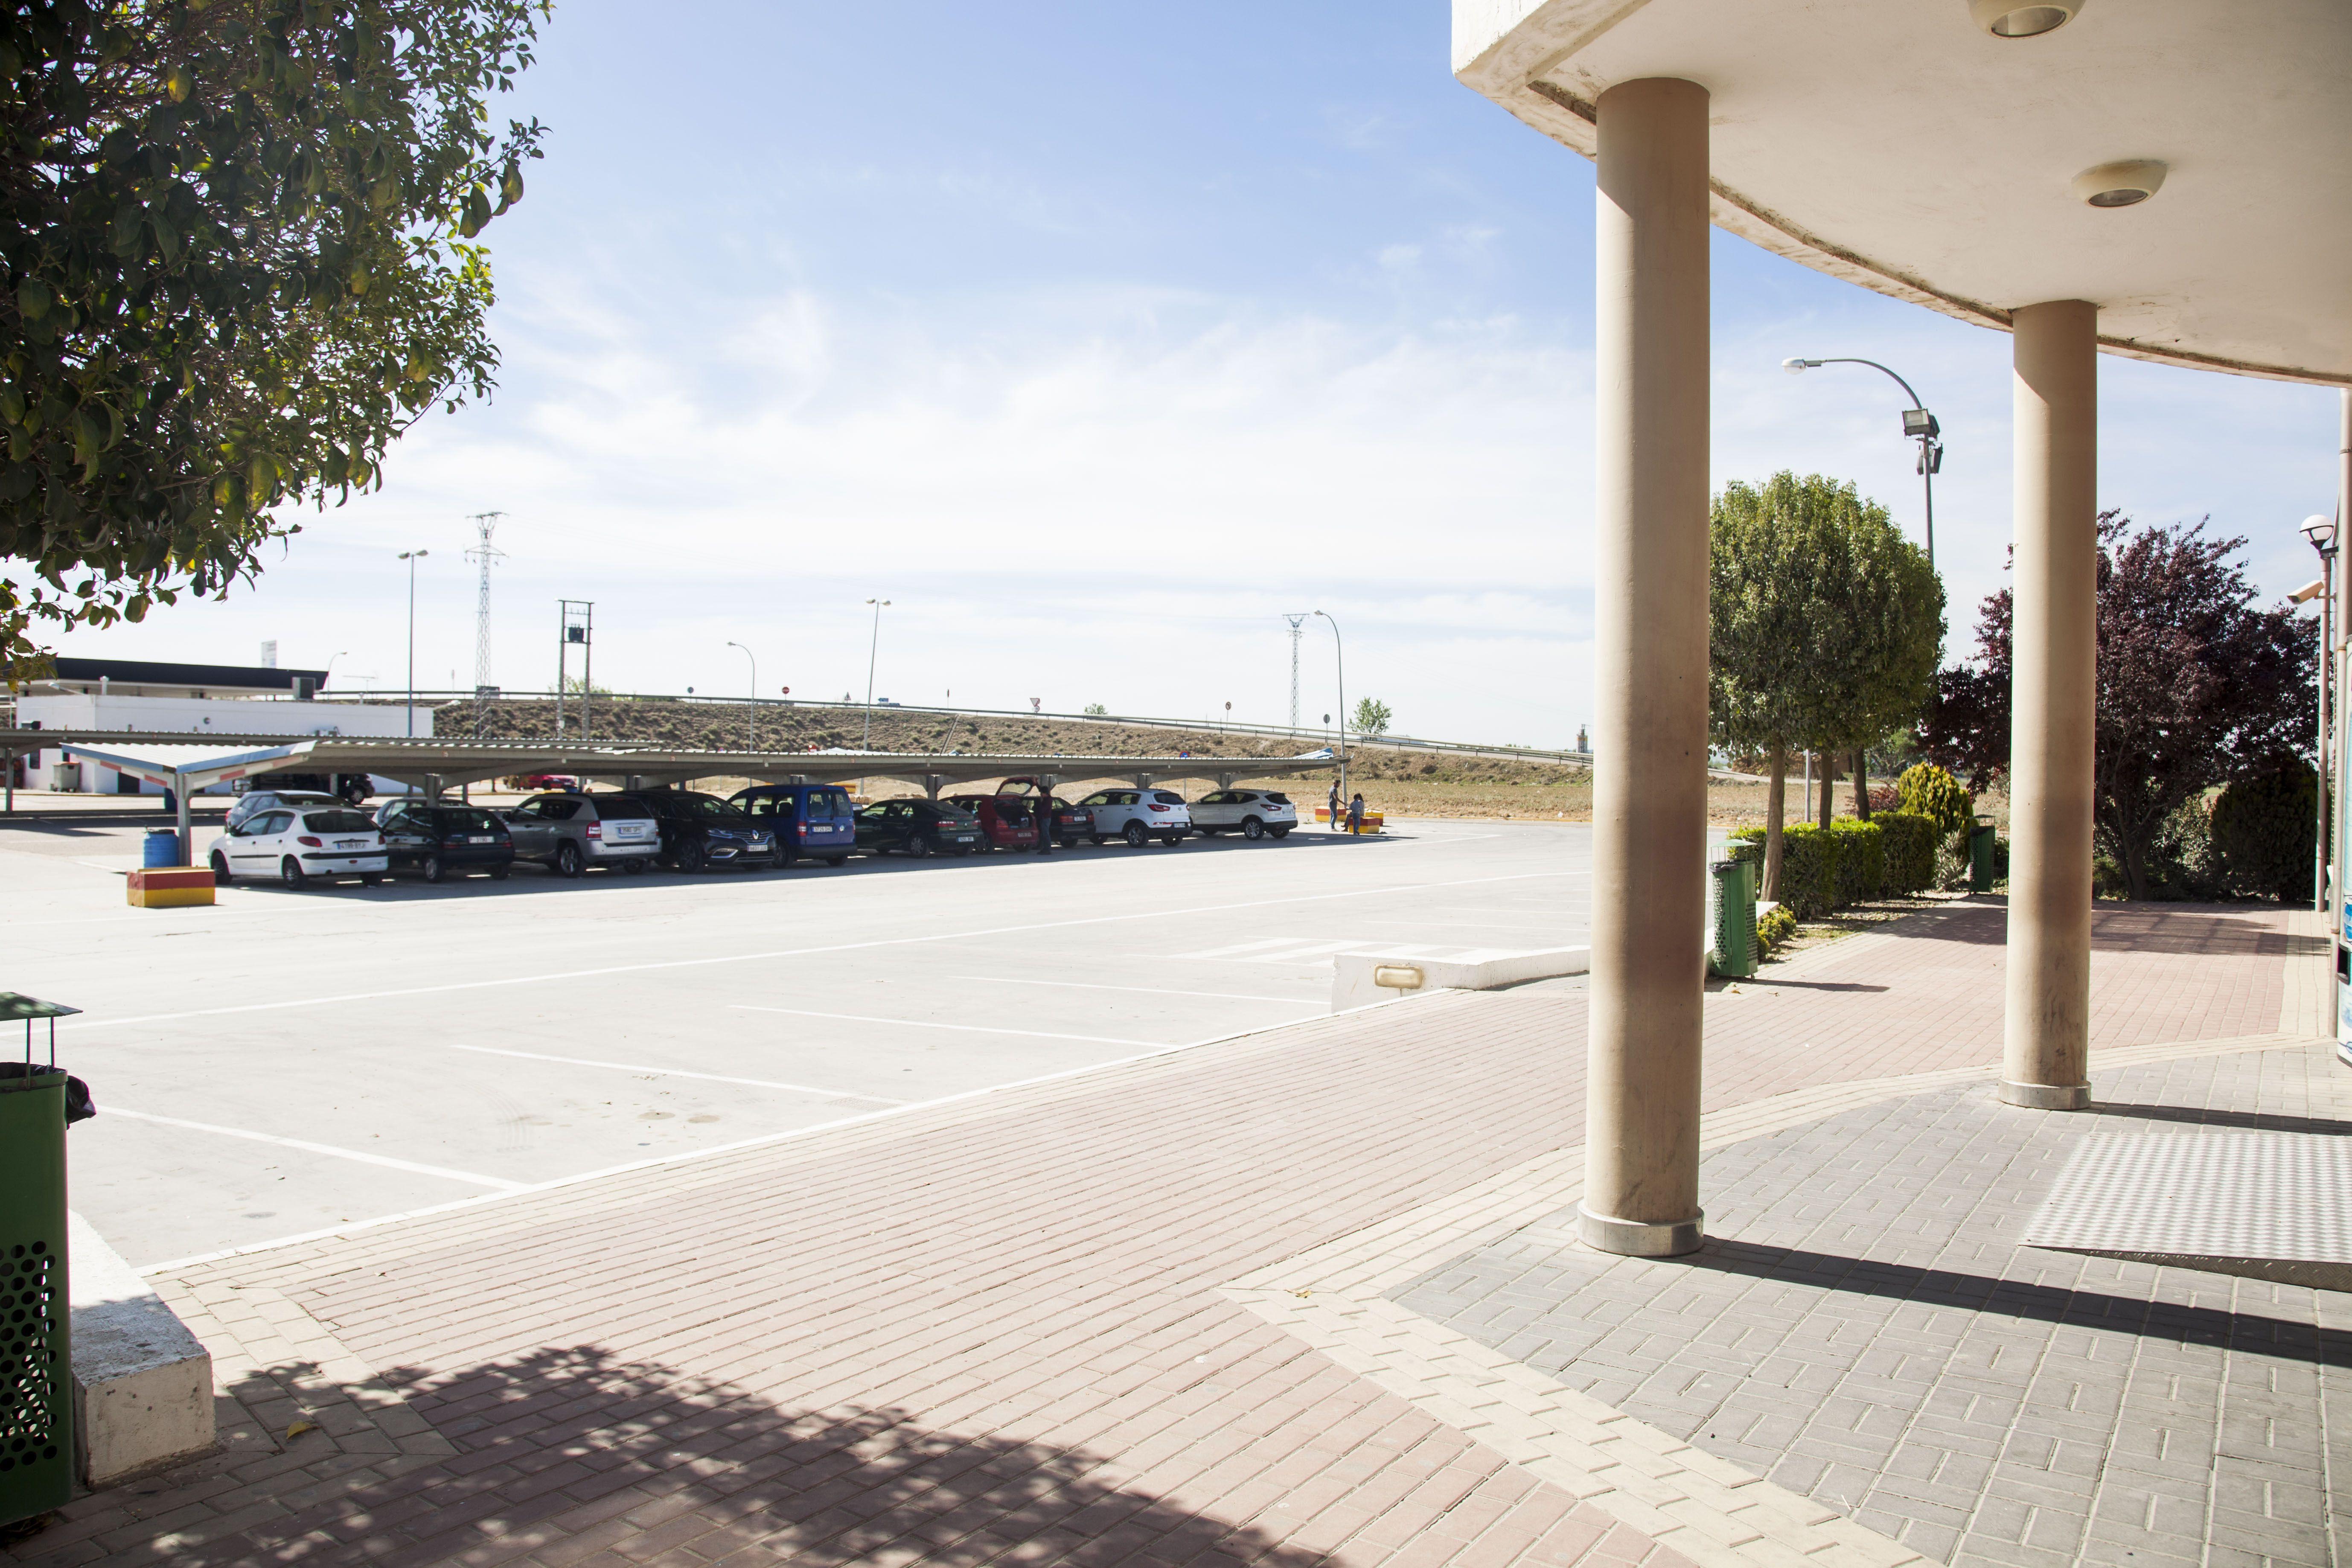 Aparcamiento para coches cubierto de La Chamorra en Dueñas